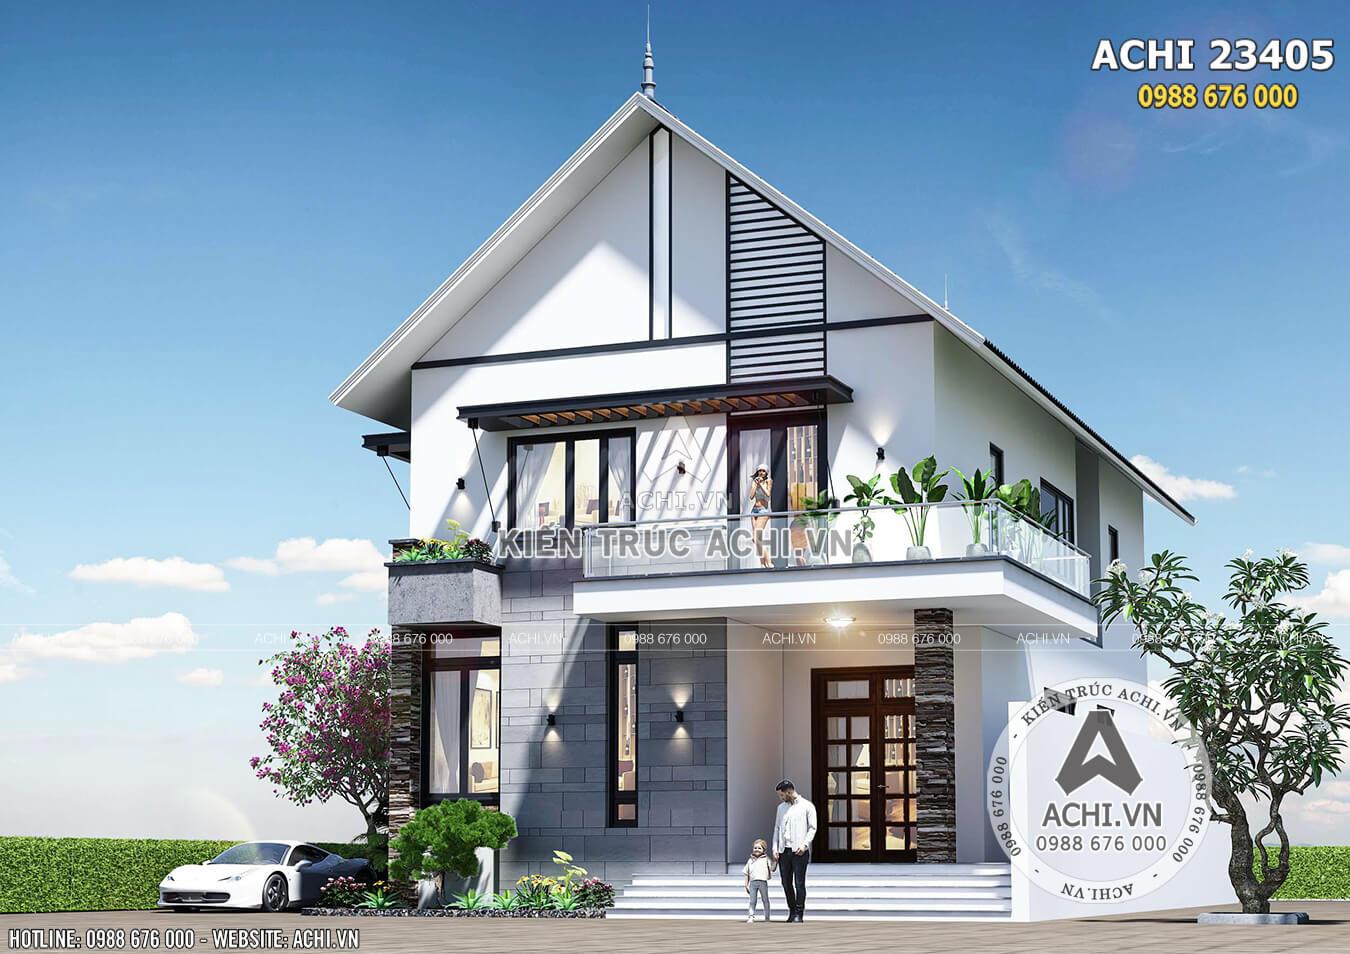 Hình ảnh: Một góc view mẫu biệt thự hiện đại kiến trúc Châu Âu– Mã số: ACHI 23405